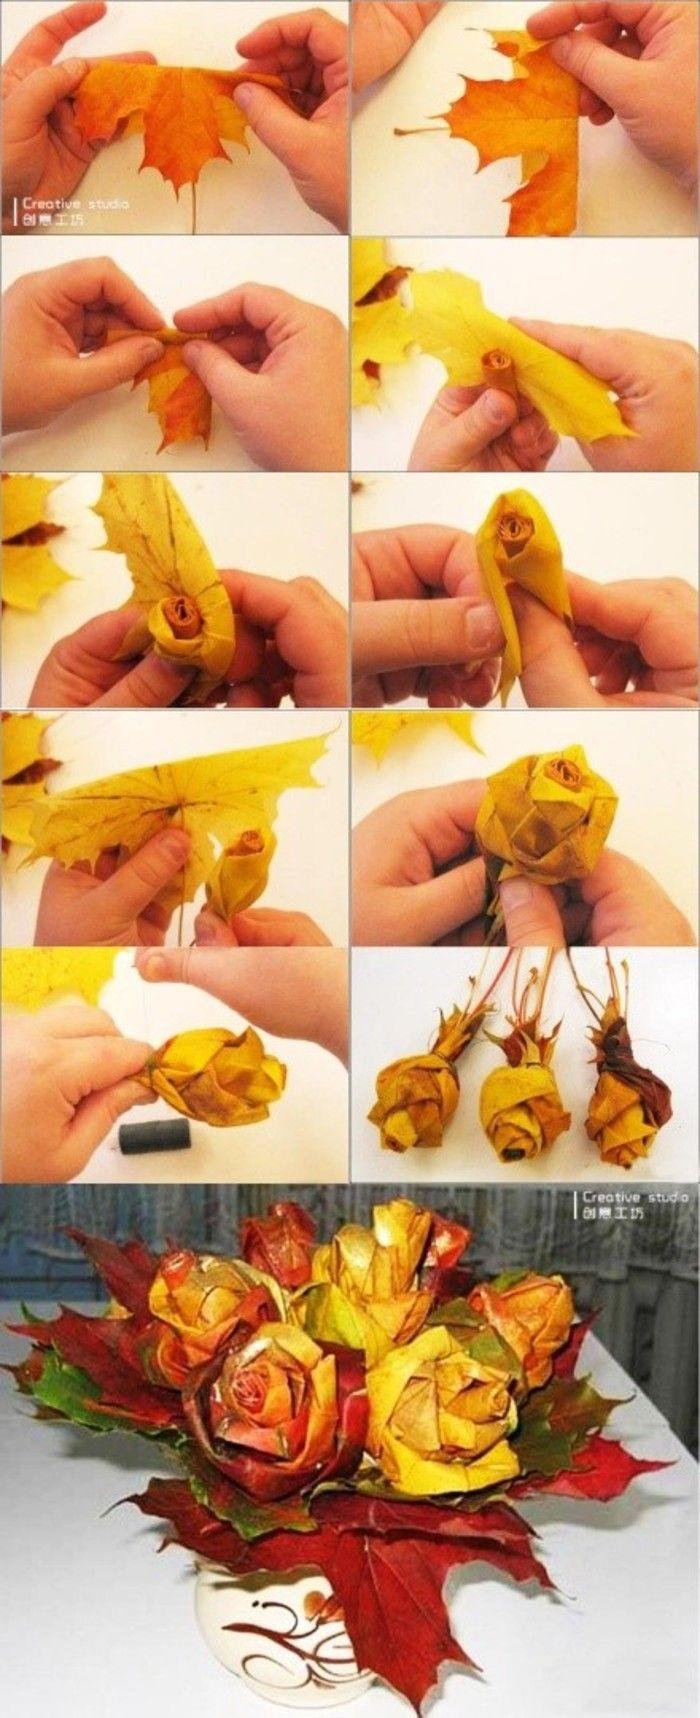 leaf.thumb.700_0